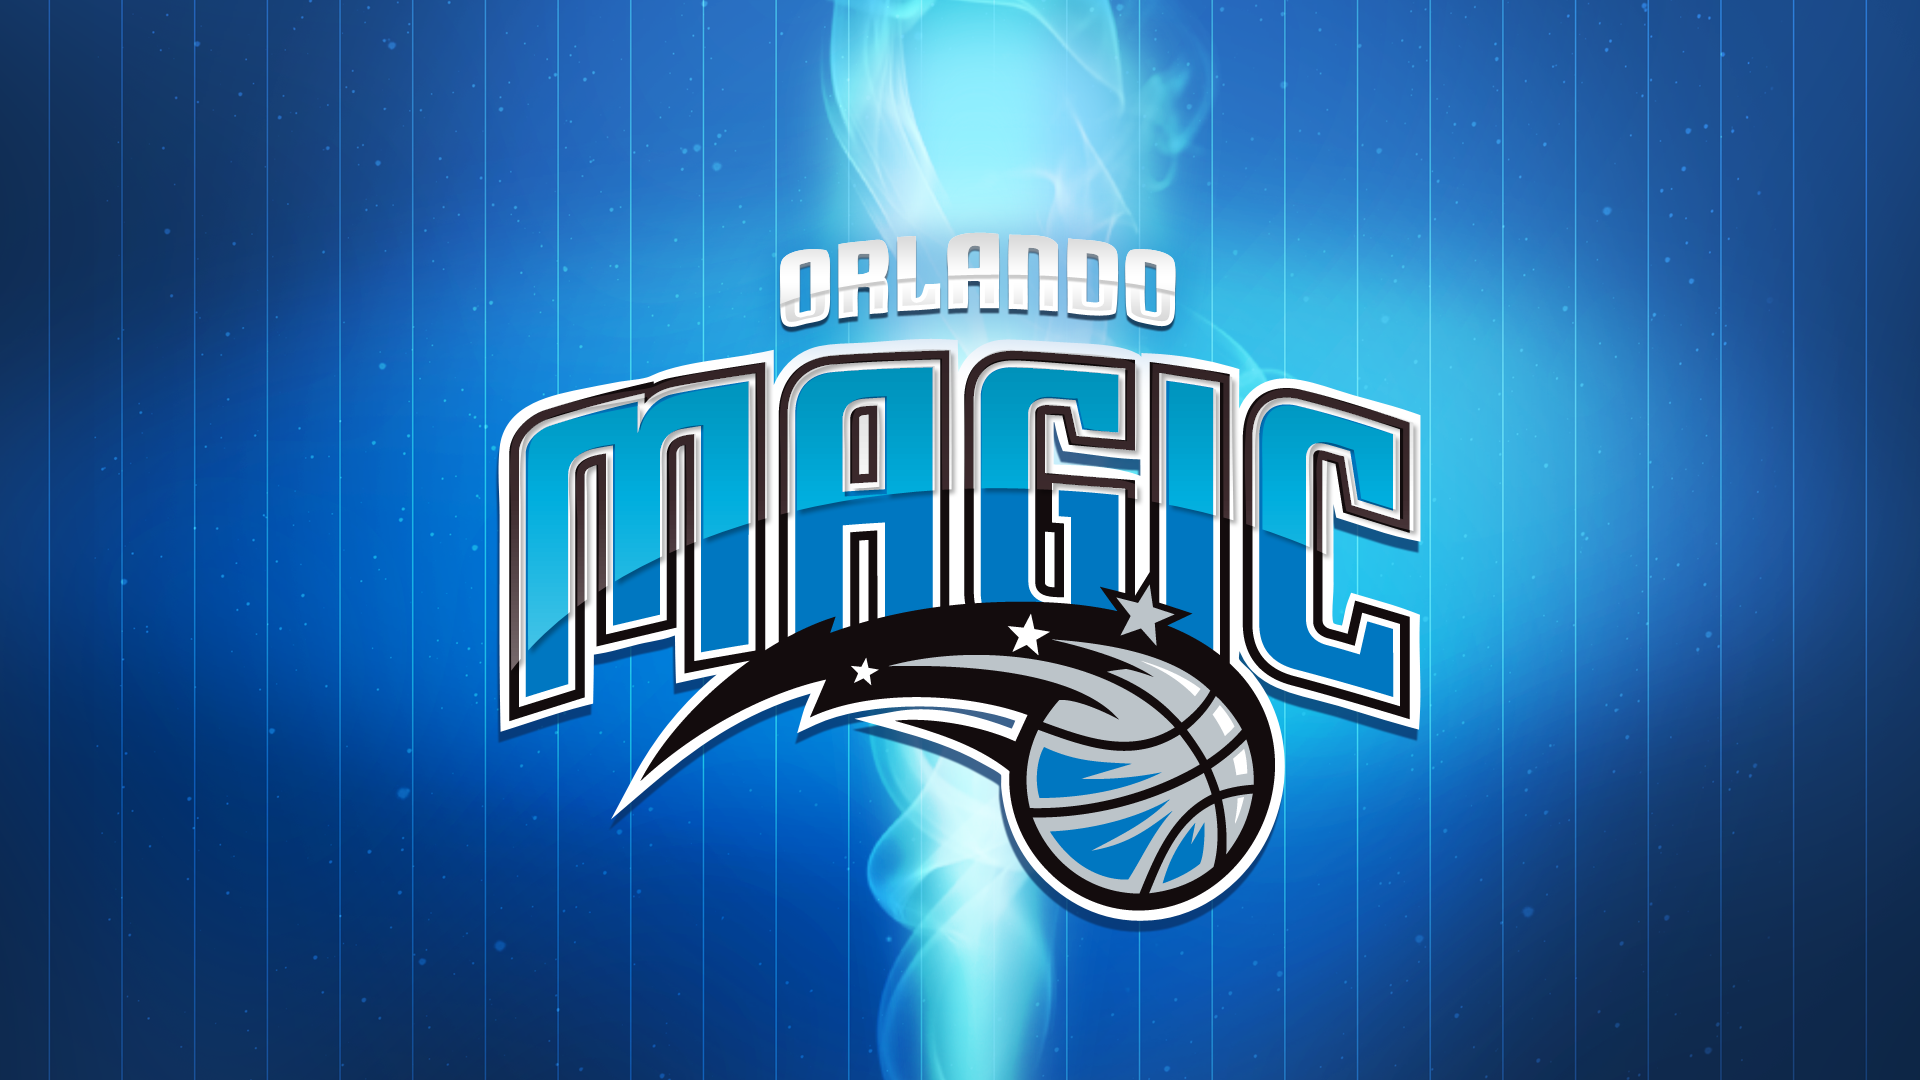 ORLANDO MAGIC nba basketball wallpaper | 1920x1080 | 227839 ...